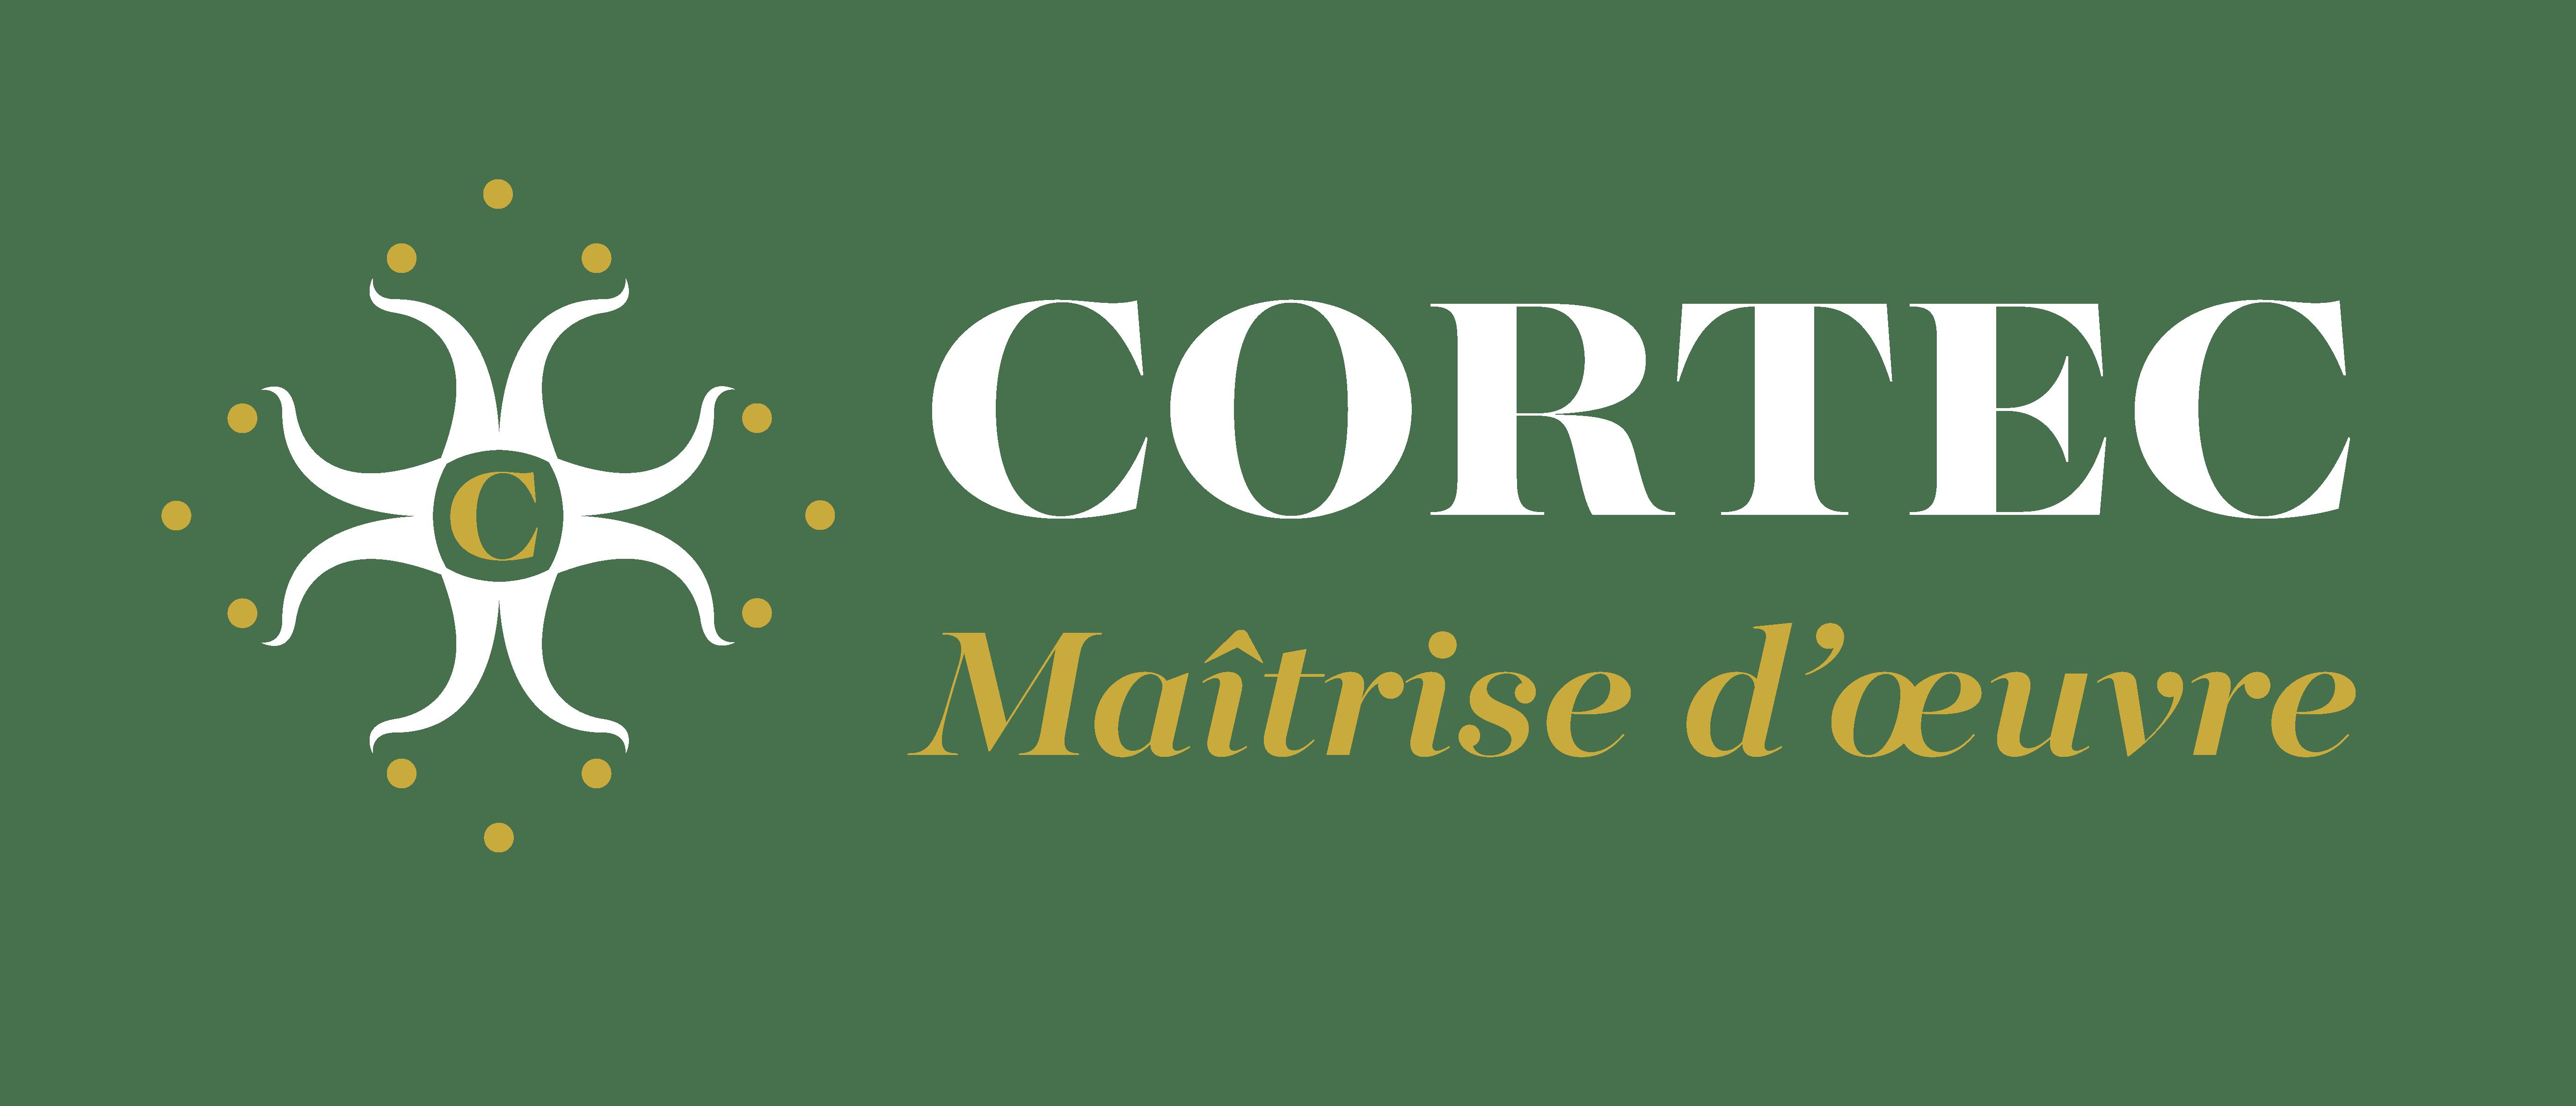 Maitre De L Oeuvre cortec maitre d'oeuvre - toulouse - région occitanie